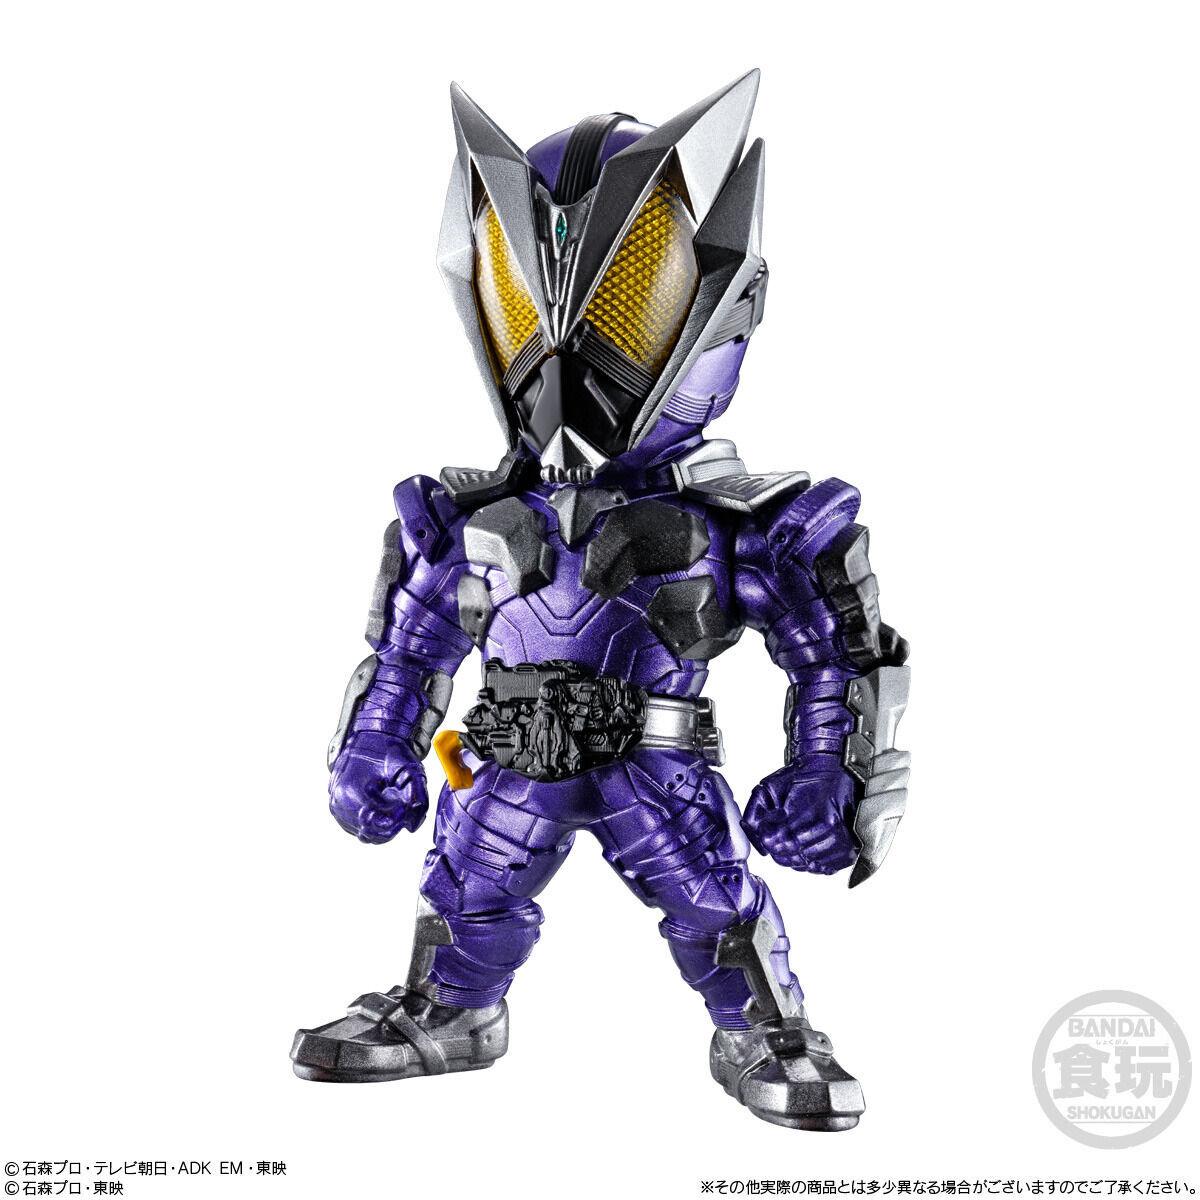 【食玩】コンバージ仮面ライダー『CONVERGE KAMEN RIDER 23』10個入りBOX-004